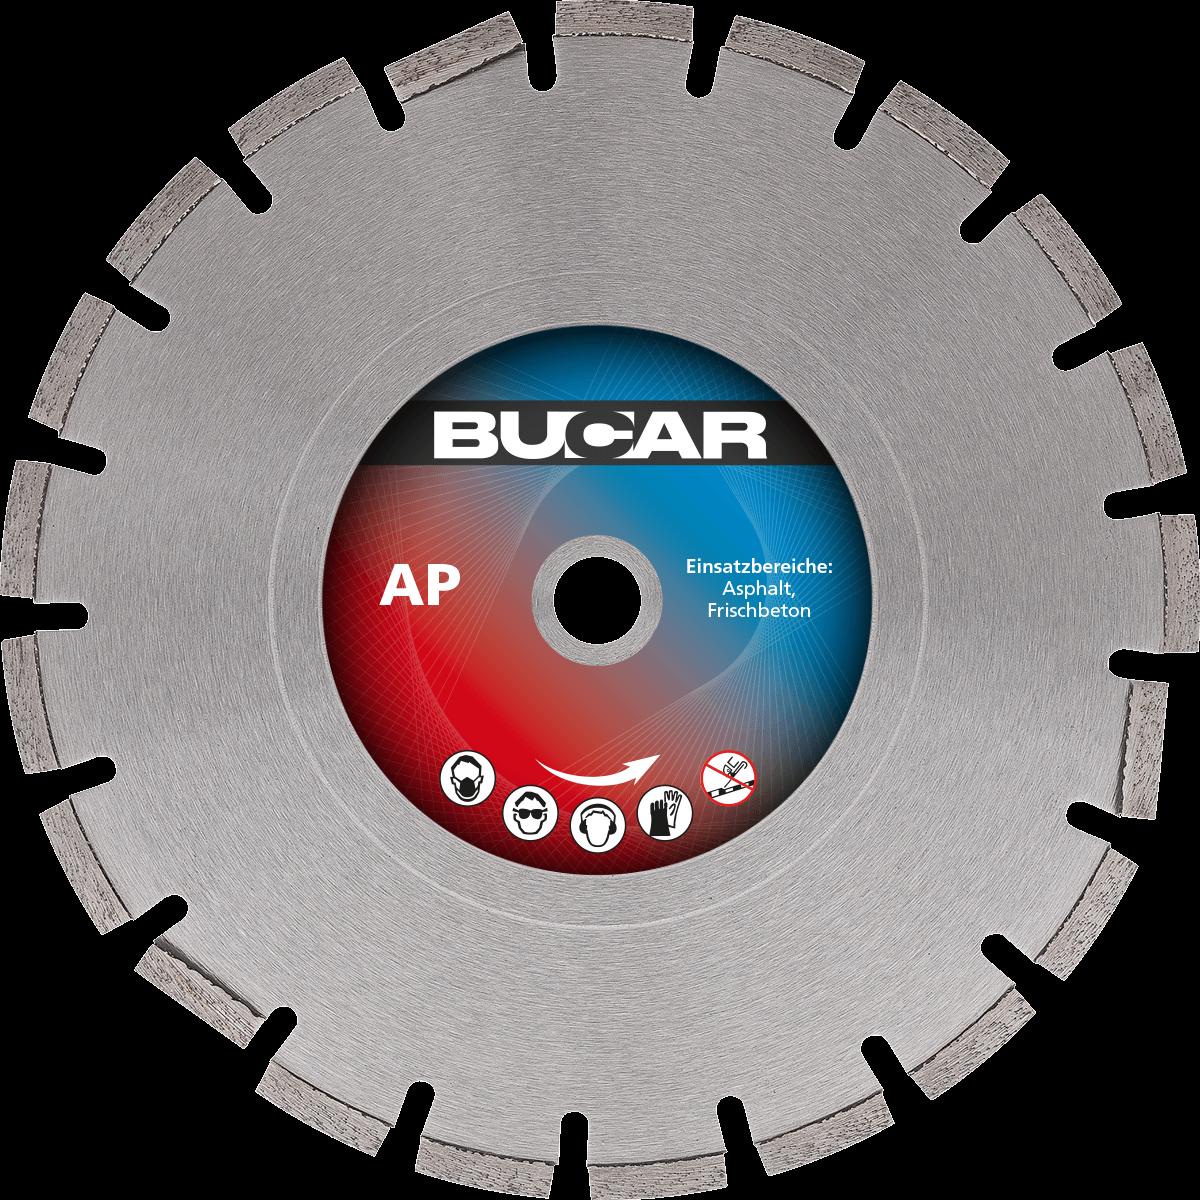 AP - Asphalt Premium